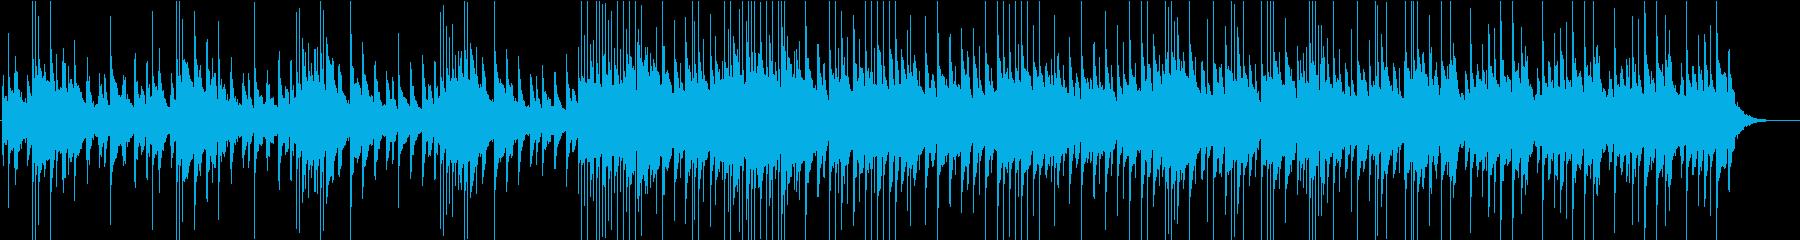 不思議な雰囲気のベルメインの曲の再生済みの波形